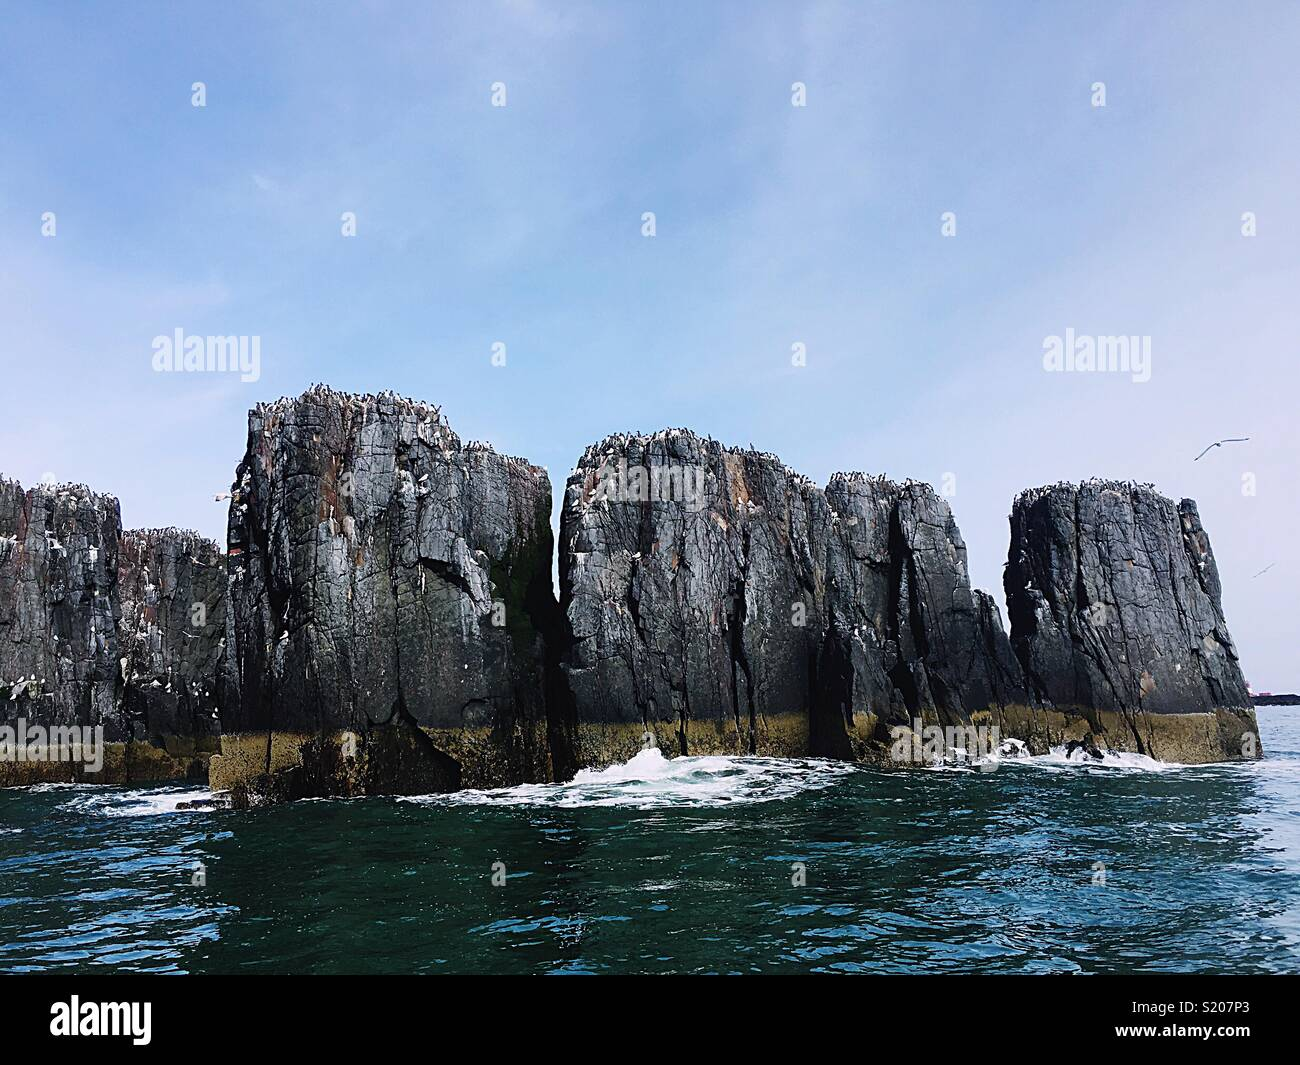 El mar y los acantilados Imagen De Stock